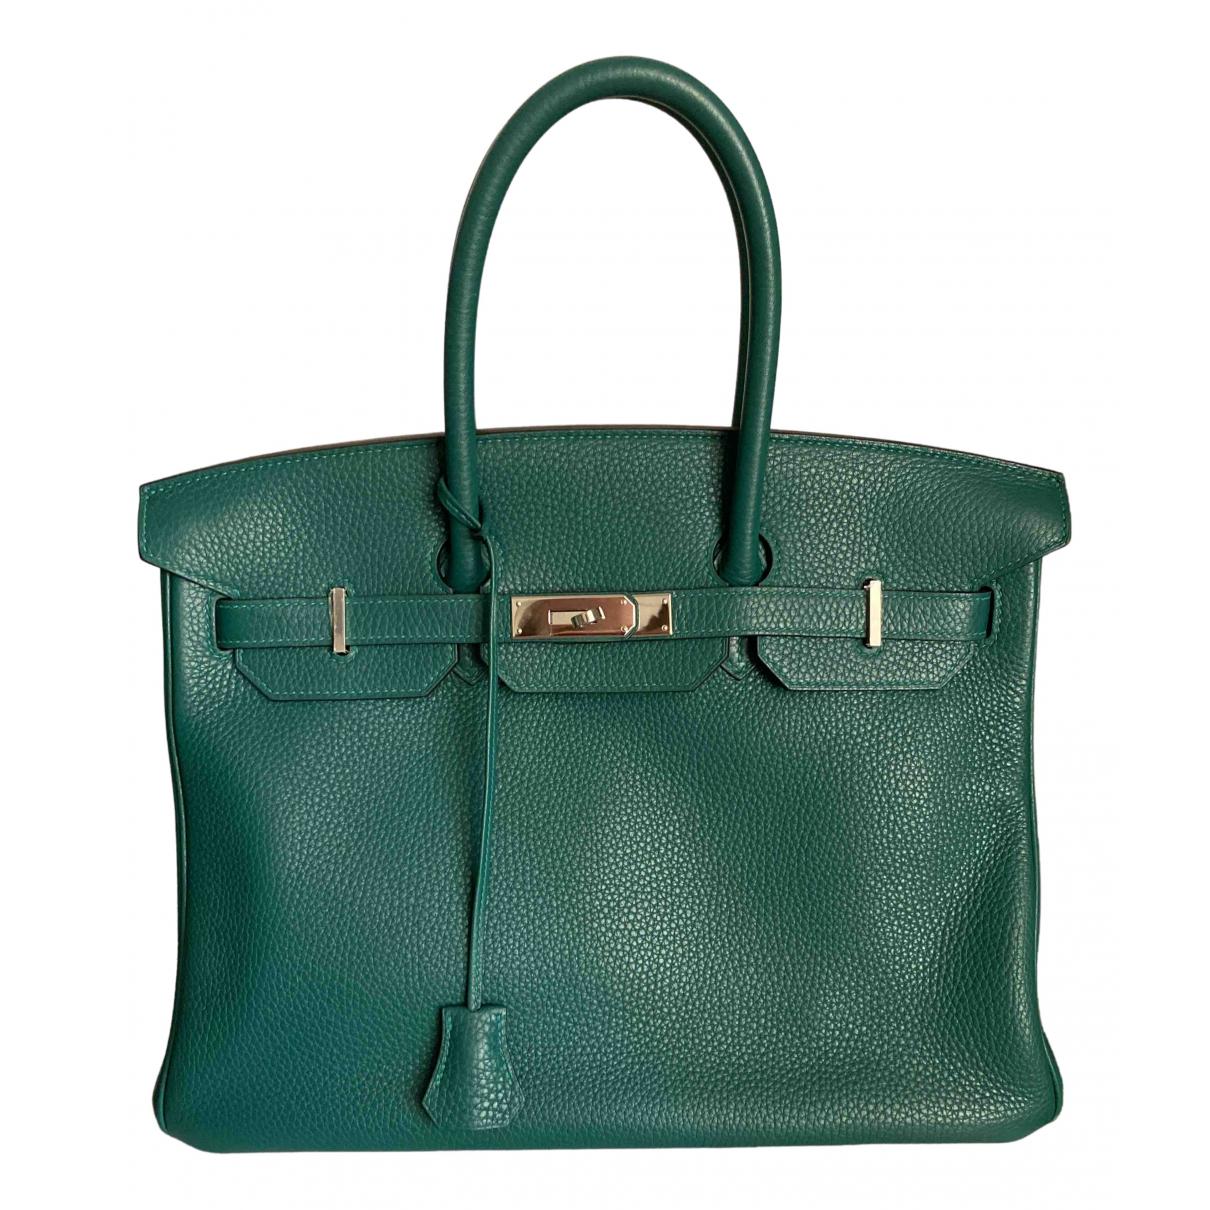 Hermes - Sac a main Birkin 35 pour femme en cuir - vert